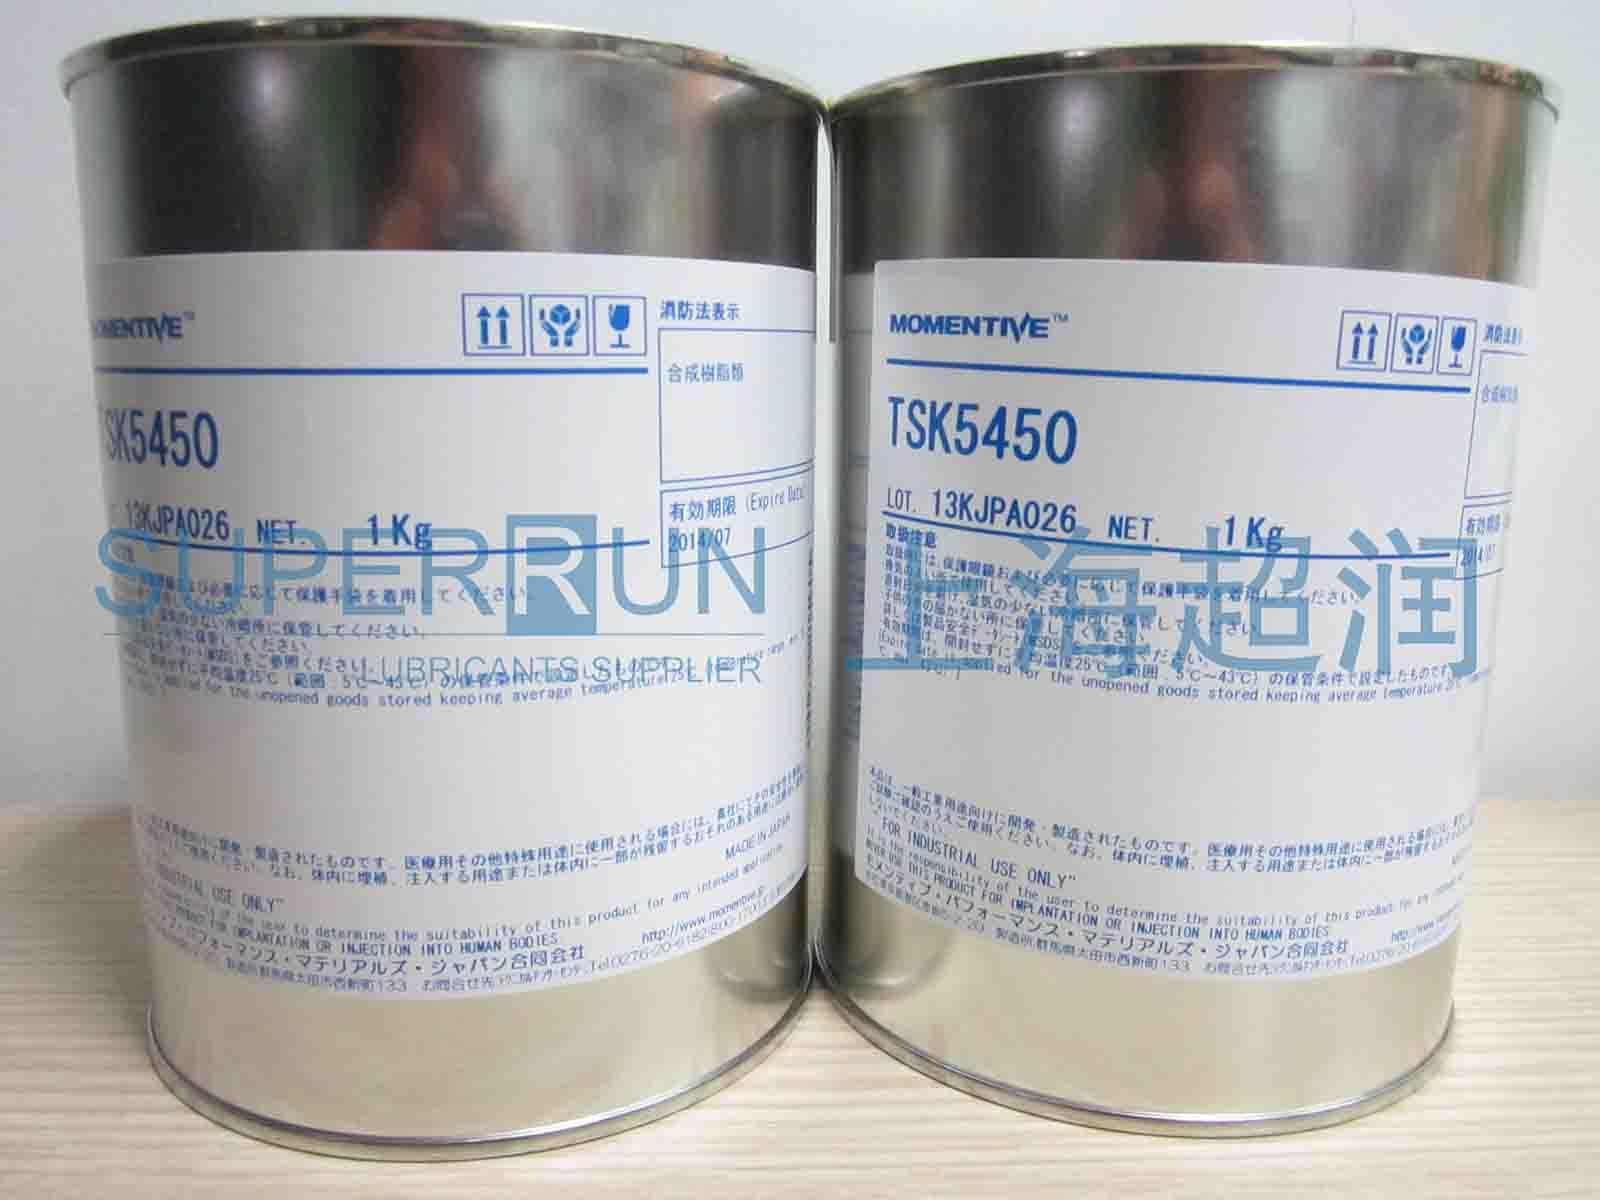 迈图 momentive TSK5450塑料用润滑油